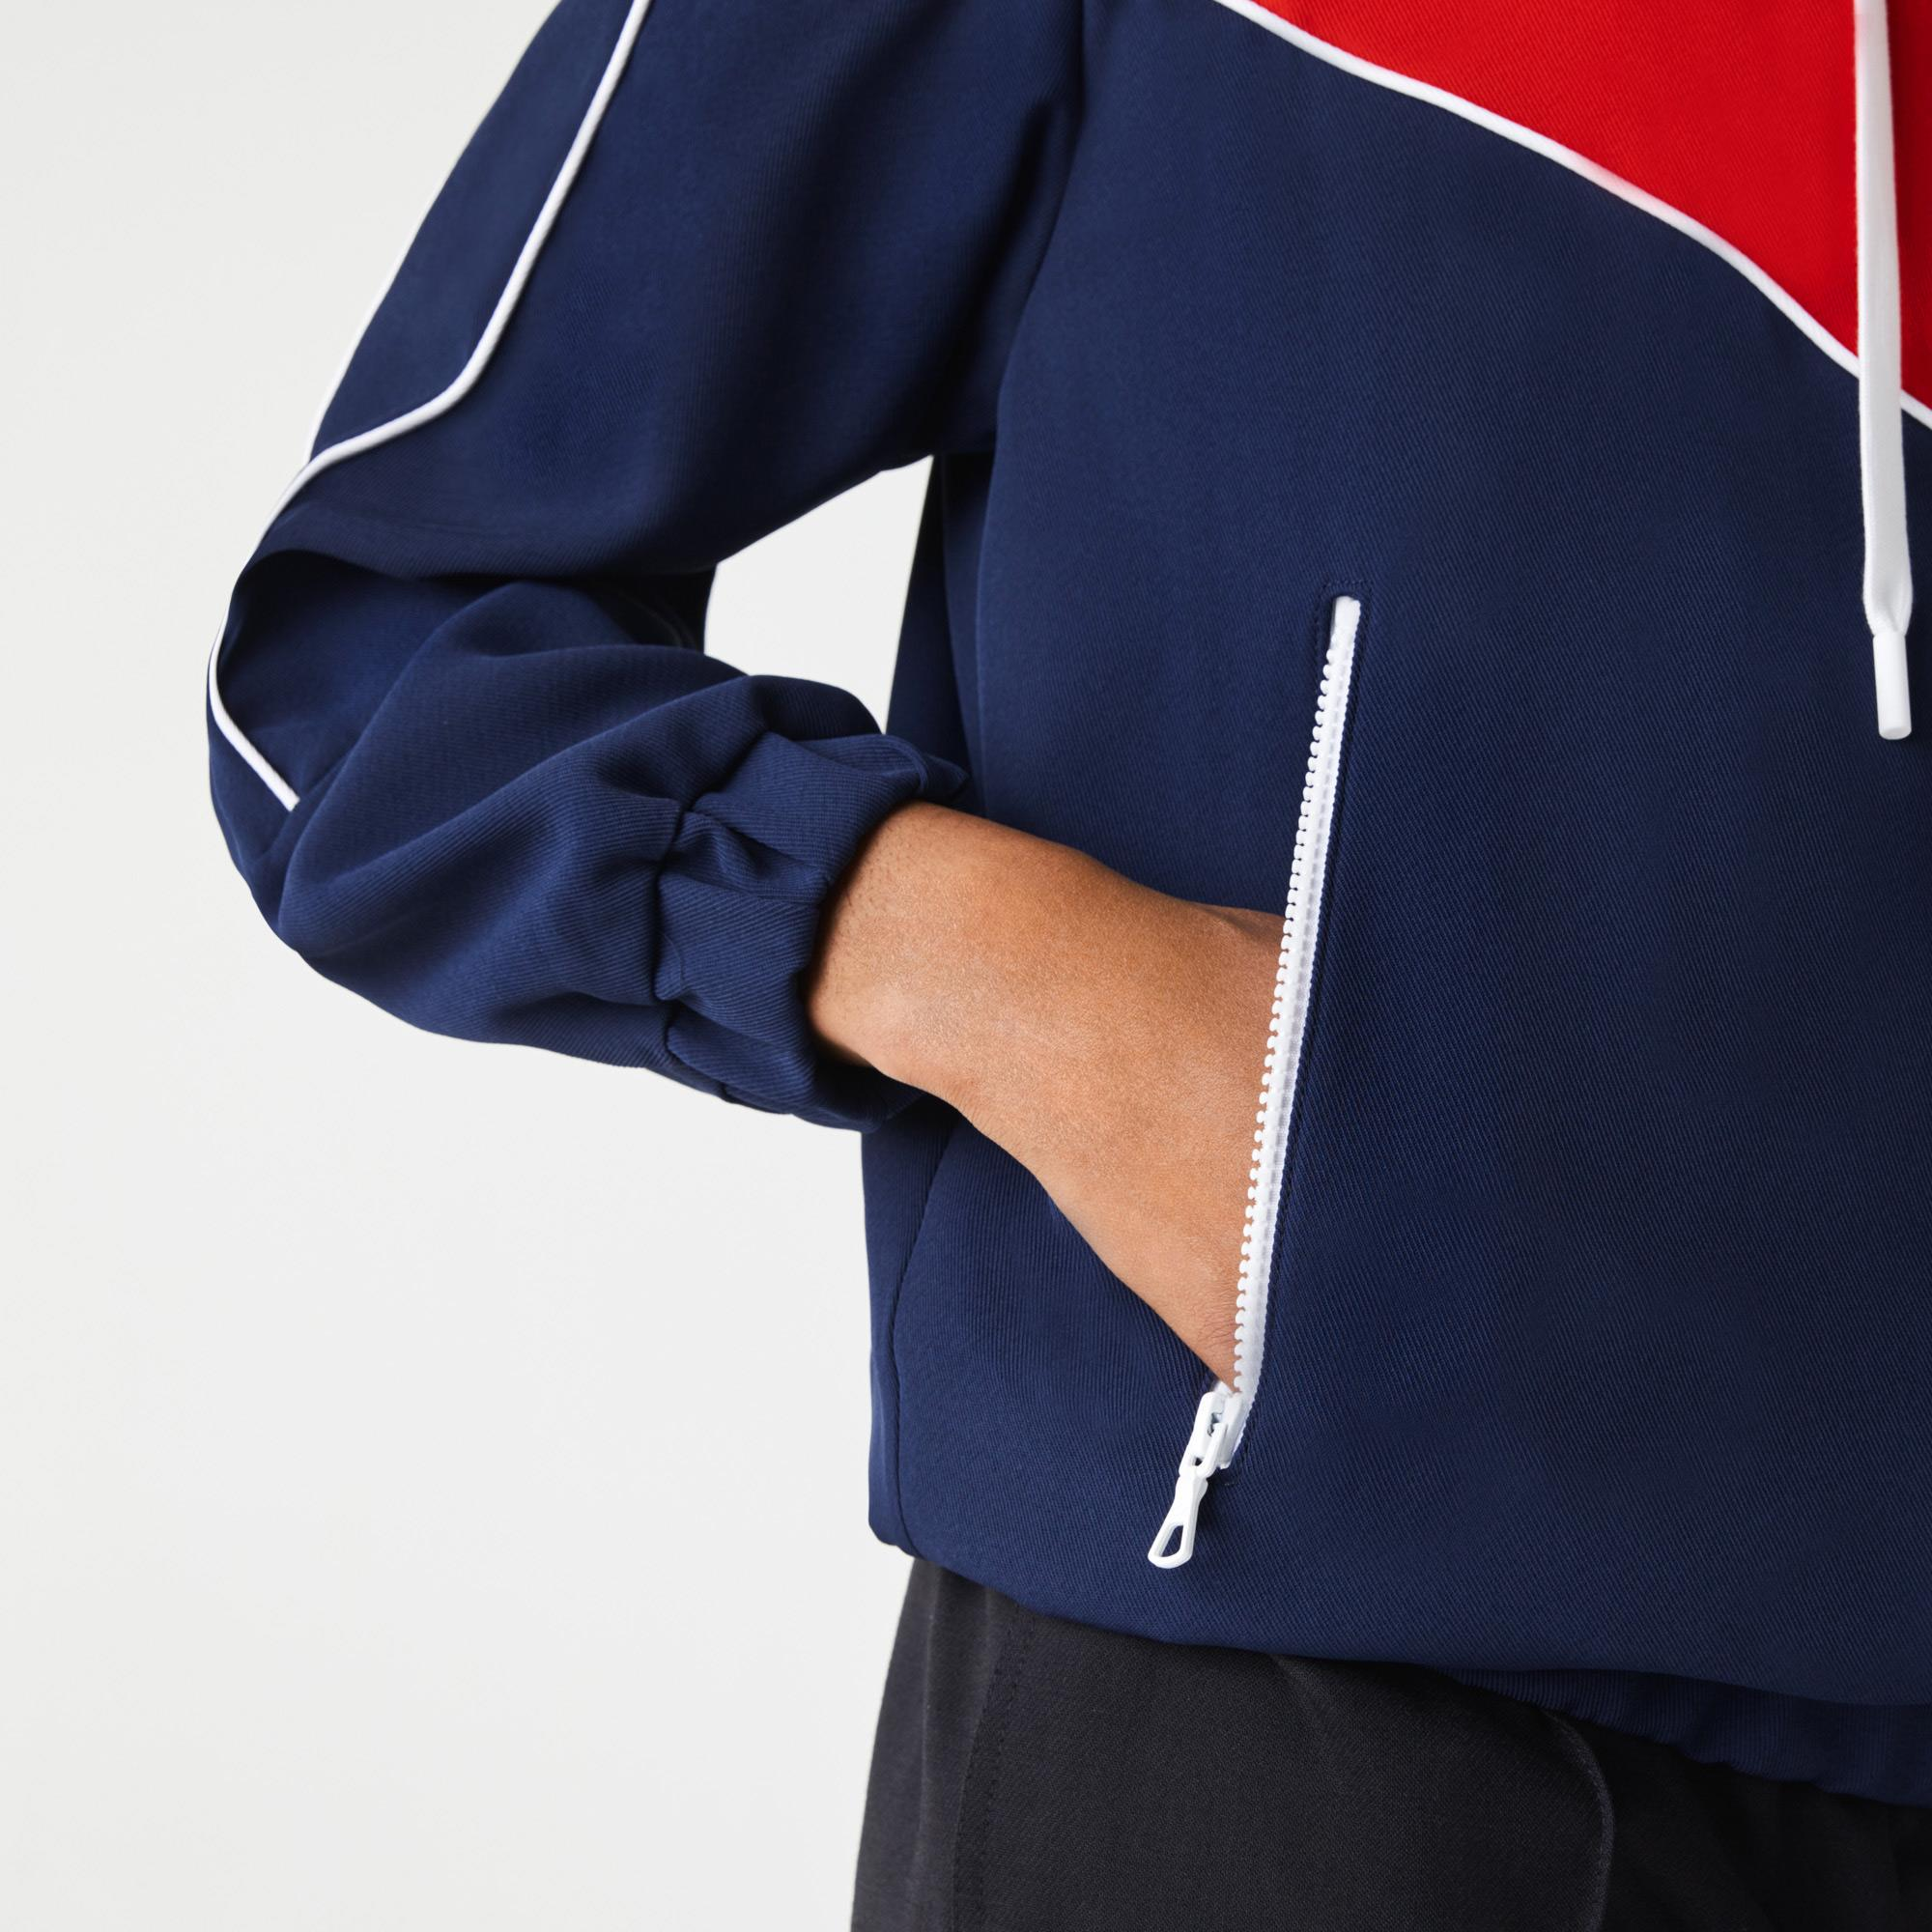 Lacoste Kadın Fermuarlı Kapüşonlu Renk Bloklu Kırmızı - Lacivert Sweatshirt